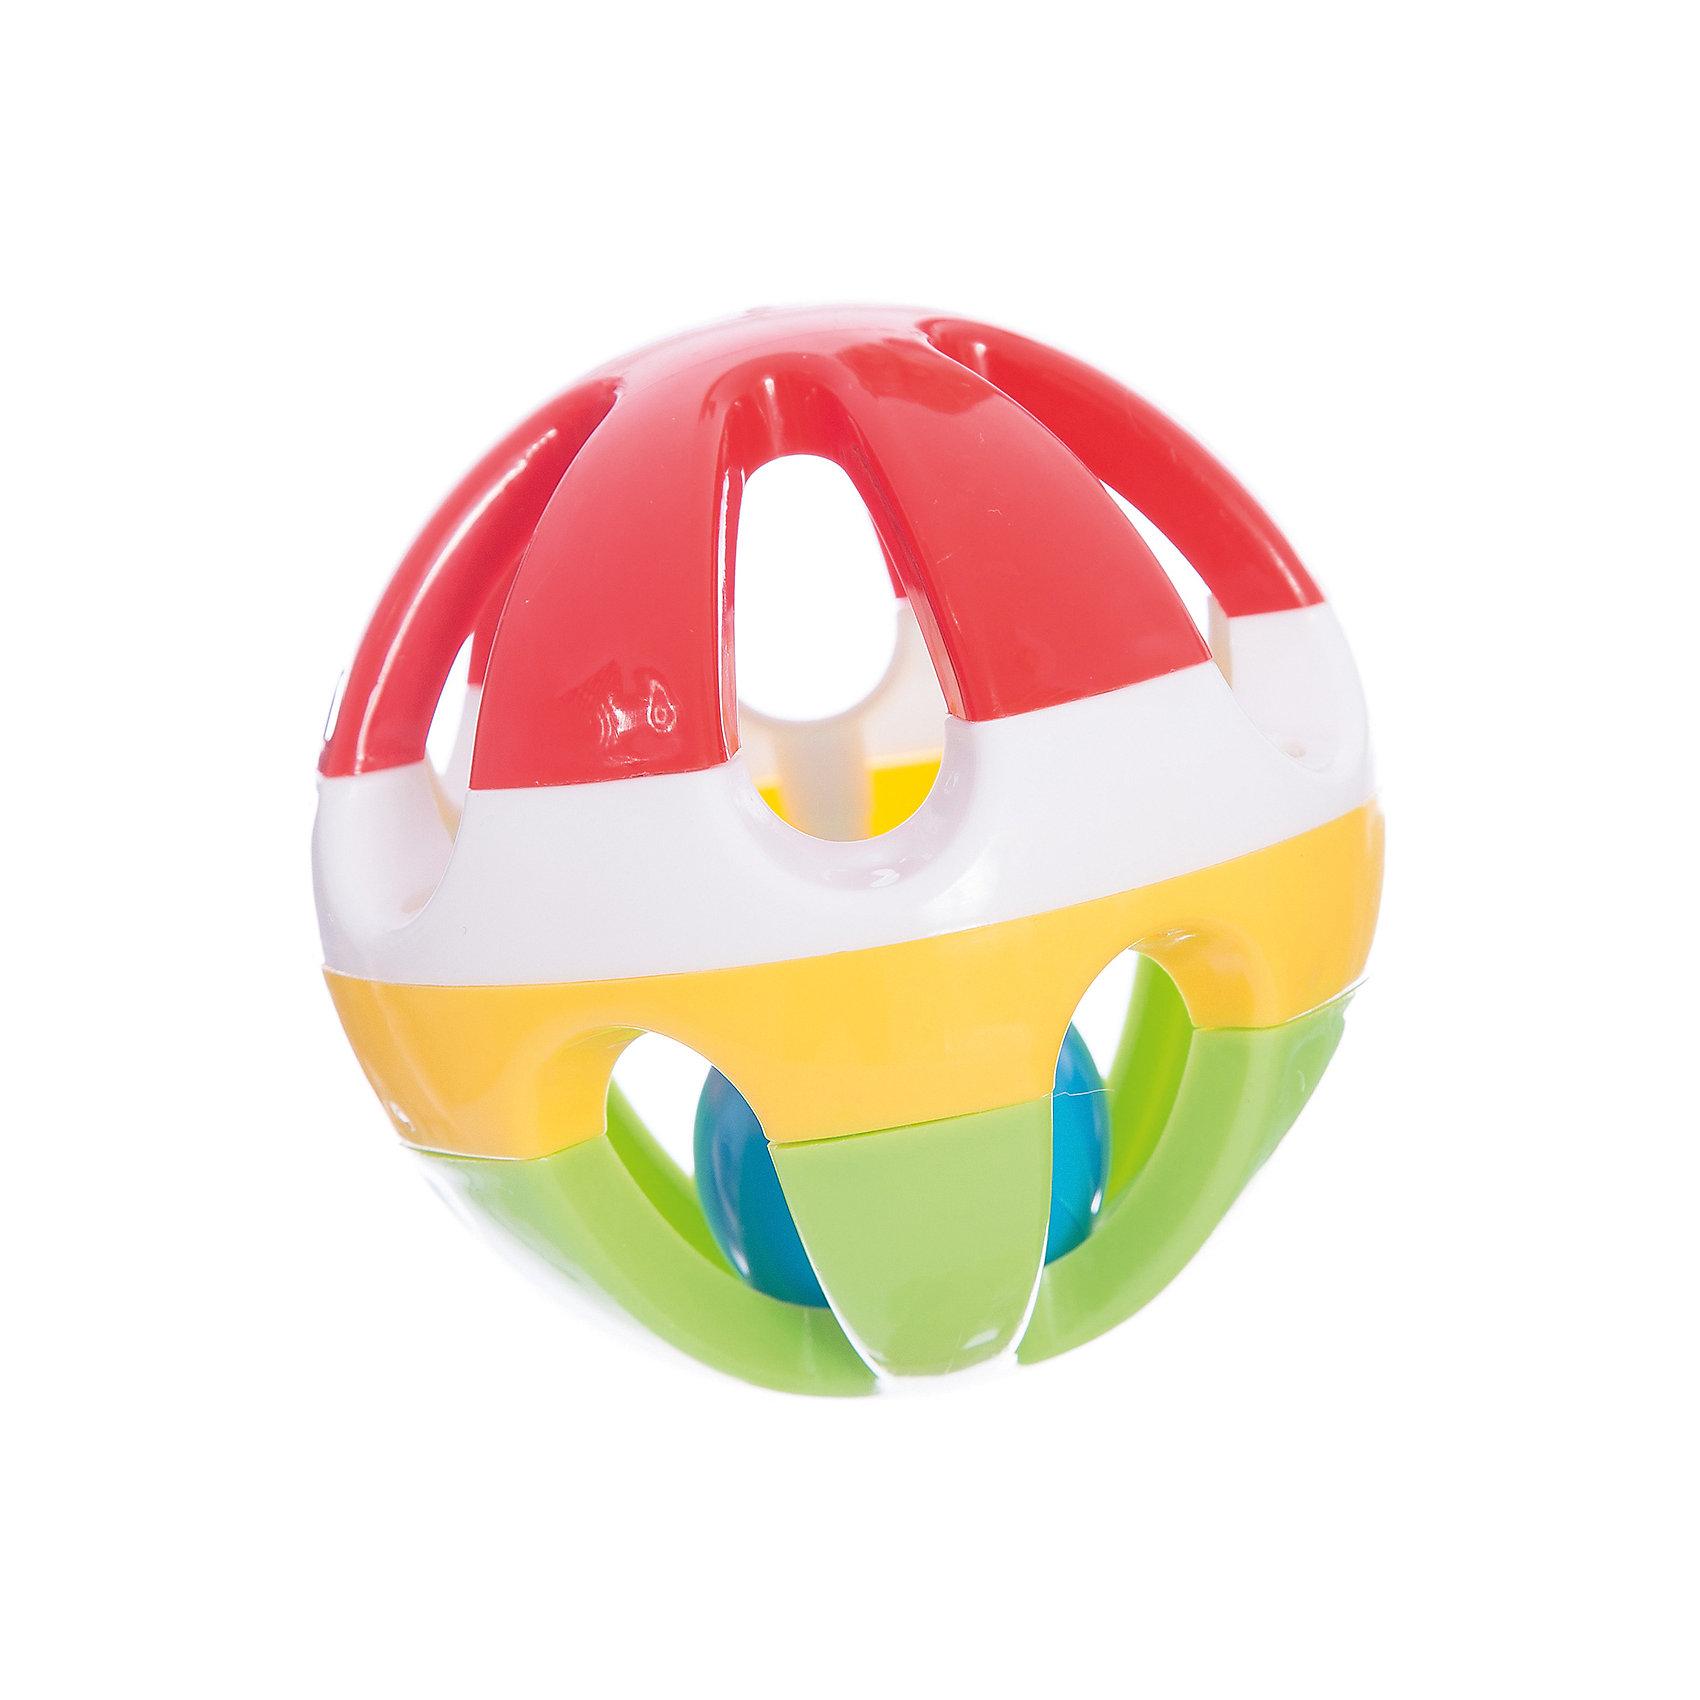 Стеллар Погремушка ШарИгрушки для малышей<br>Диаметр большого шарика 10 см, внутри – маленький (примерно 4 см) пластмассовый тарахтящий шарик (вынуть его нельзя). Получается два вида звуков: легкое тарахтение внутри маленького шарика и звук удара шарика о стенки большого шара. Большой шар сборный, но крепкий (детали соединены с помощью винтов). Производит впечатление крепкой, добротной погремушки. Возраст: 0-1.5 года<br><br>Ширина мм: 100<br>Глубина мм: 100<br>Высота мм: 100<br>Вес г: 82<br>Возраст от месяцев: 0<br>Возраст до месяцев: 36<br>Пол: Унисекс<br>Возраст: Детский<br>SKU: 2407102